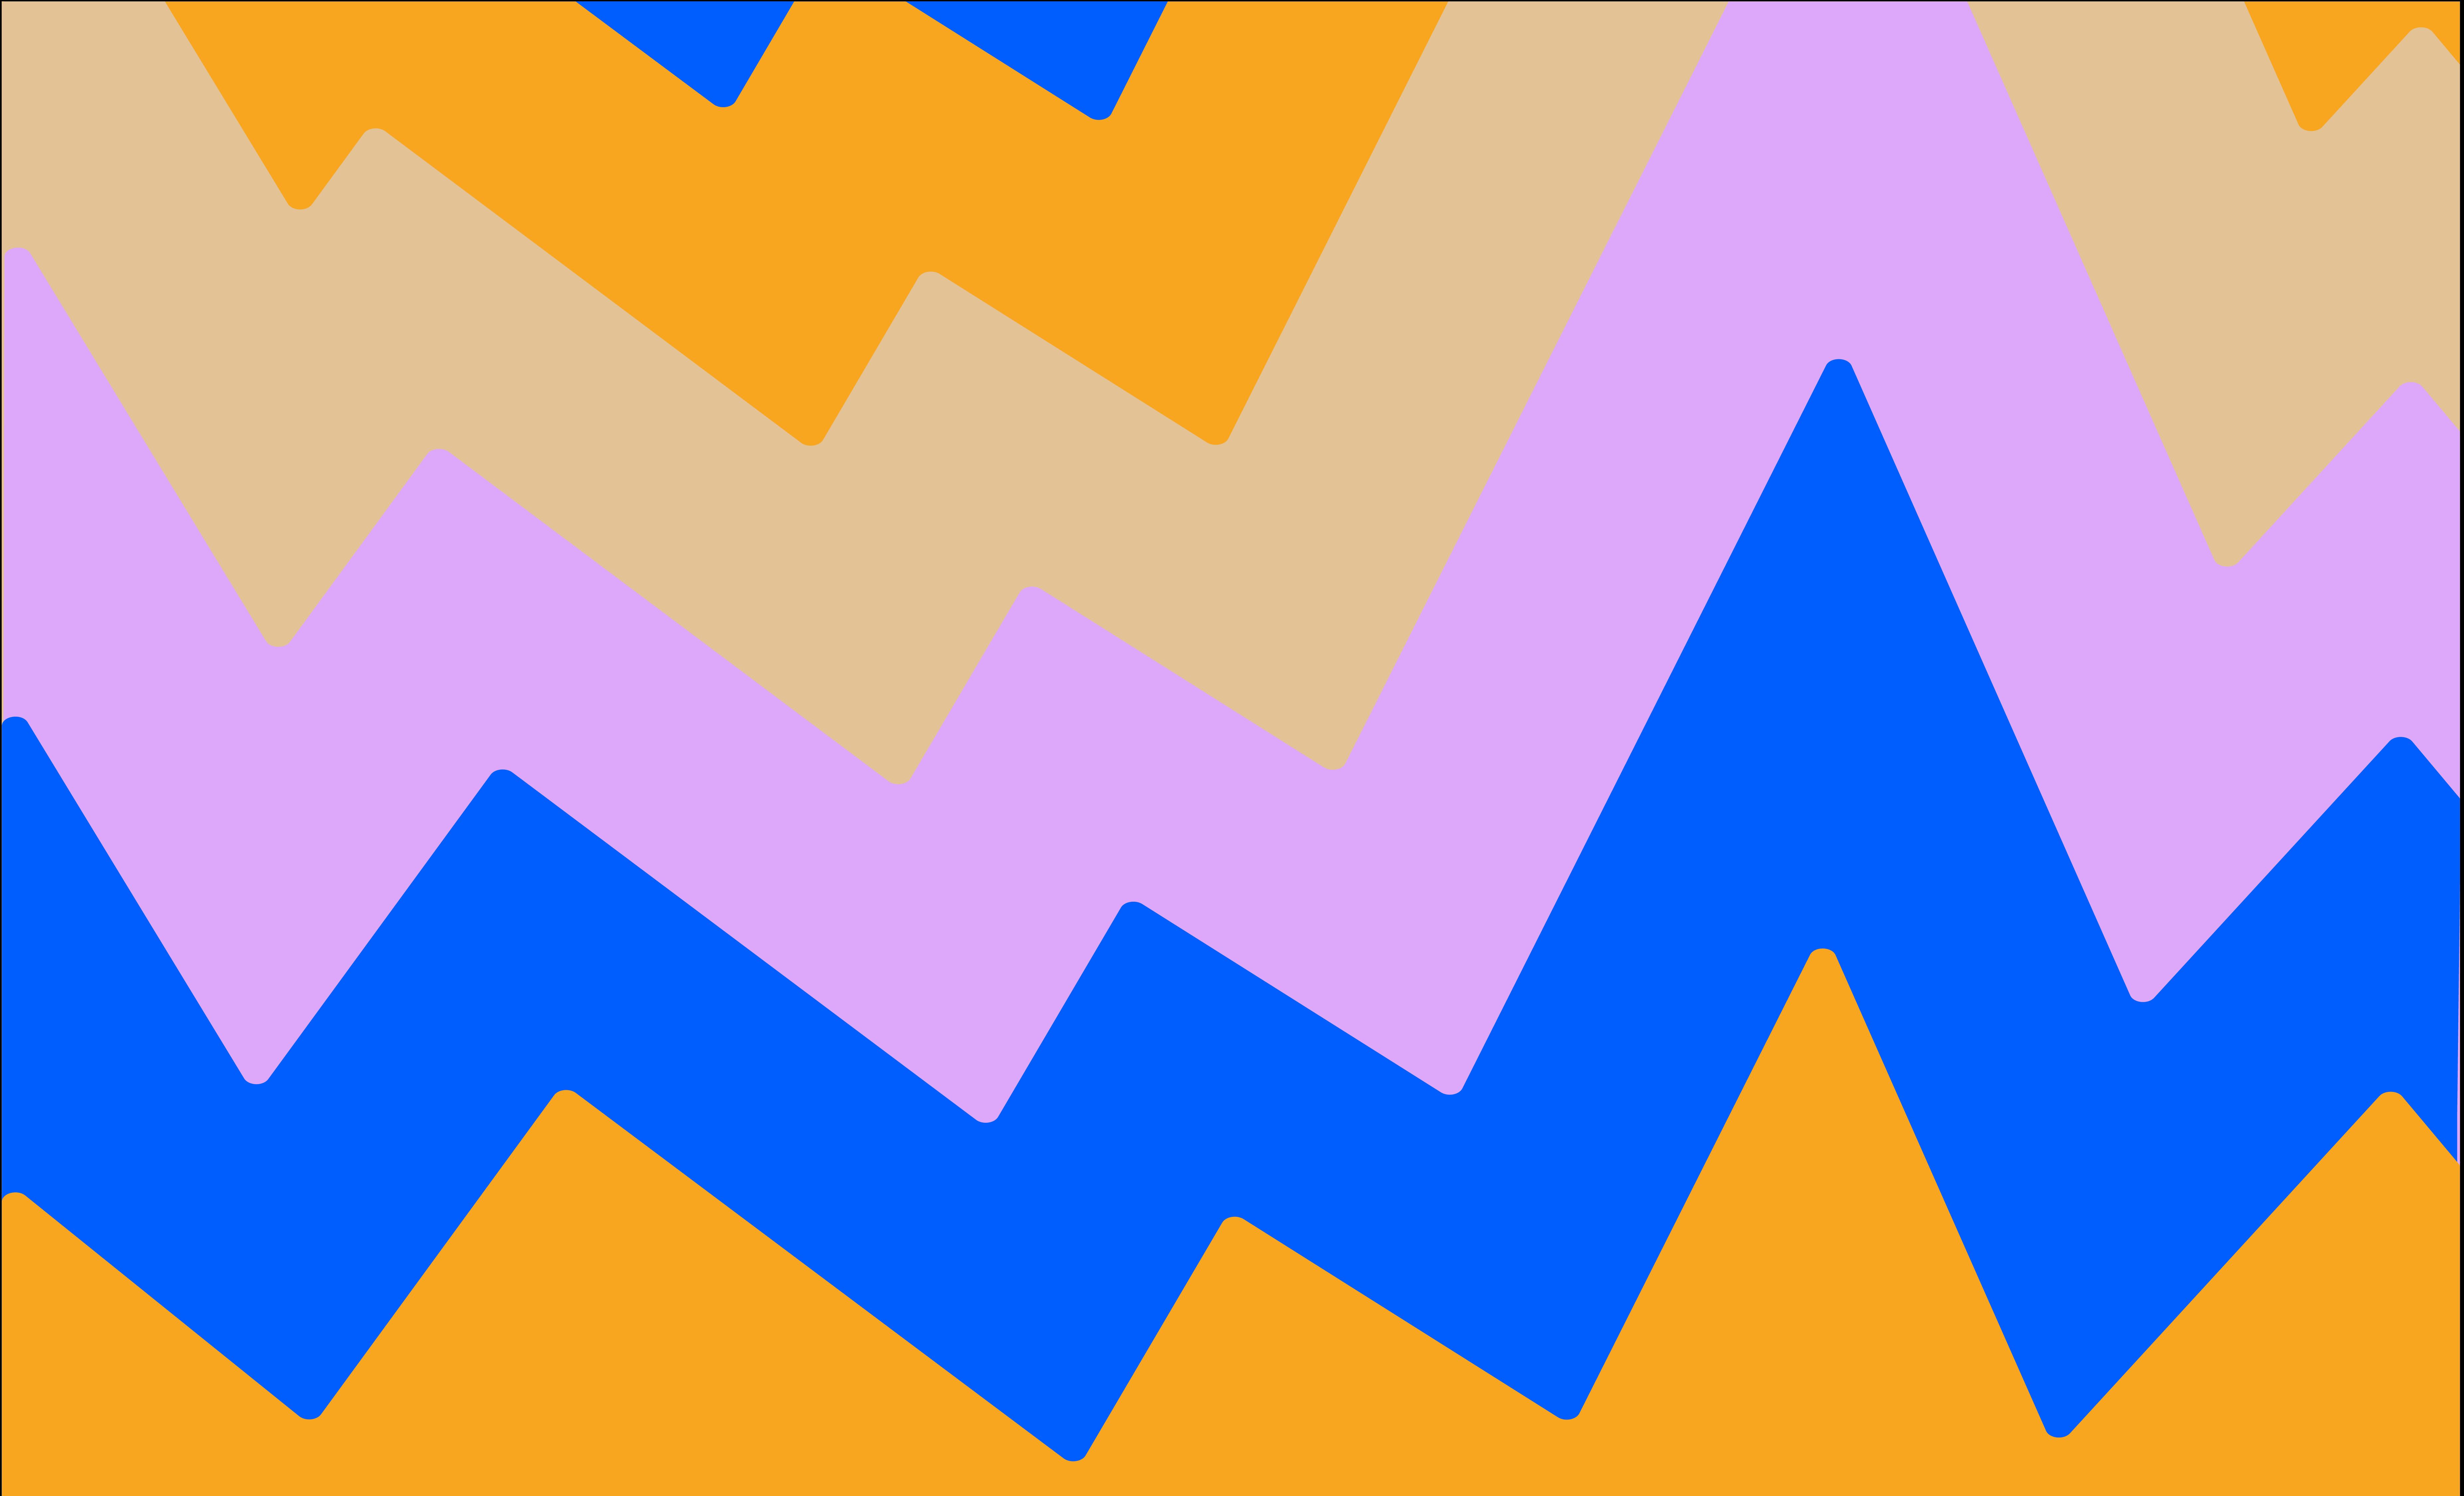 KindofCool_elements-44